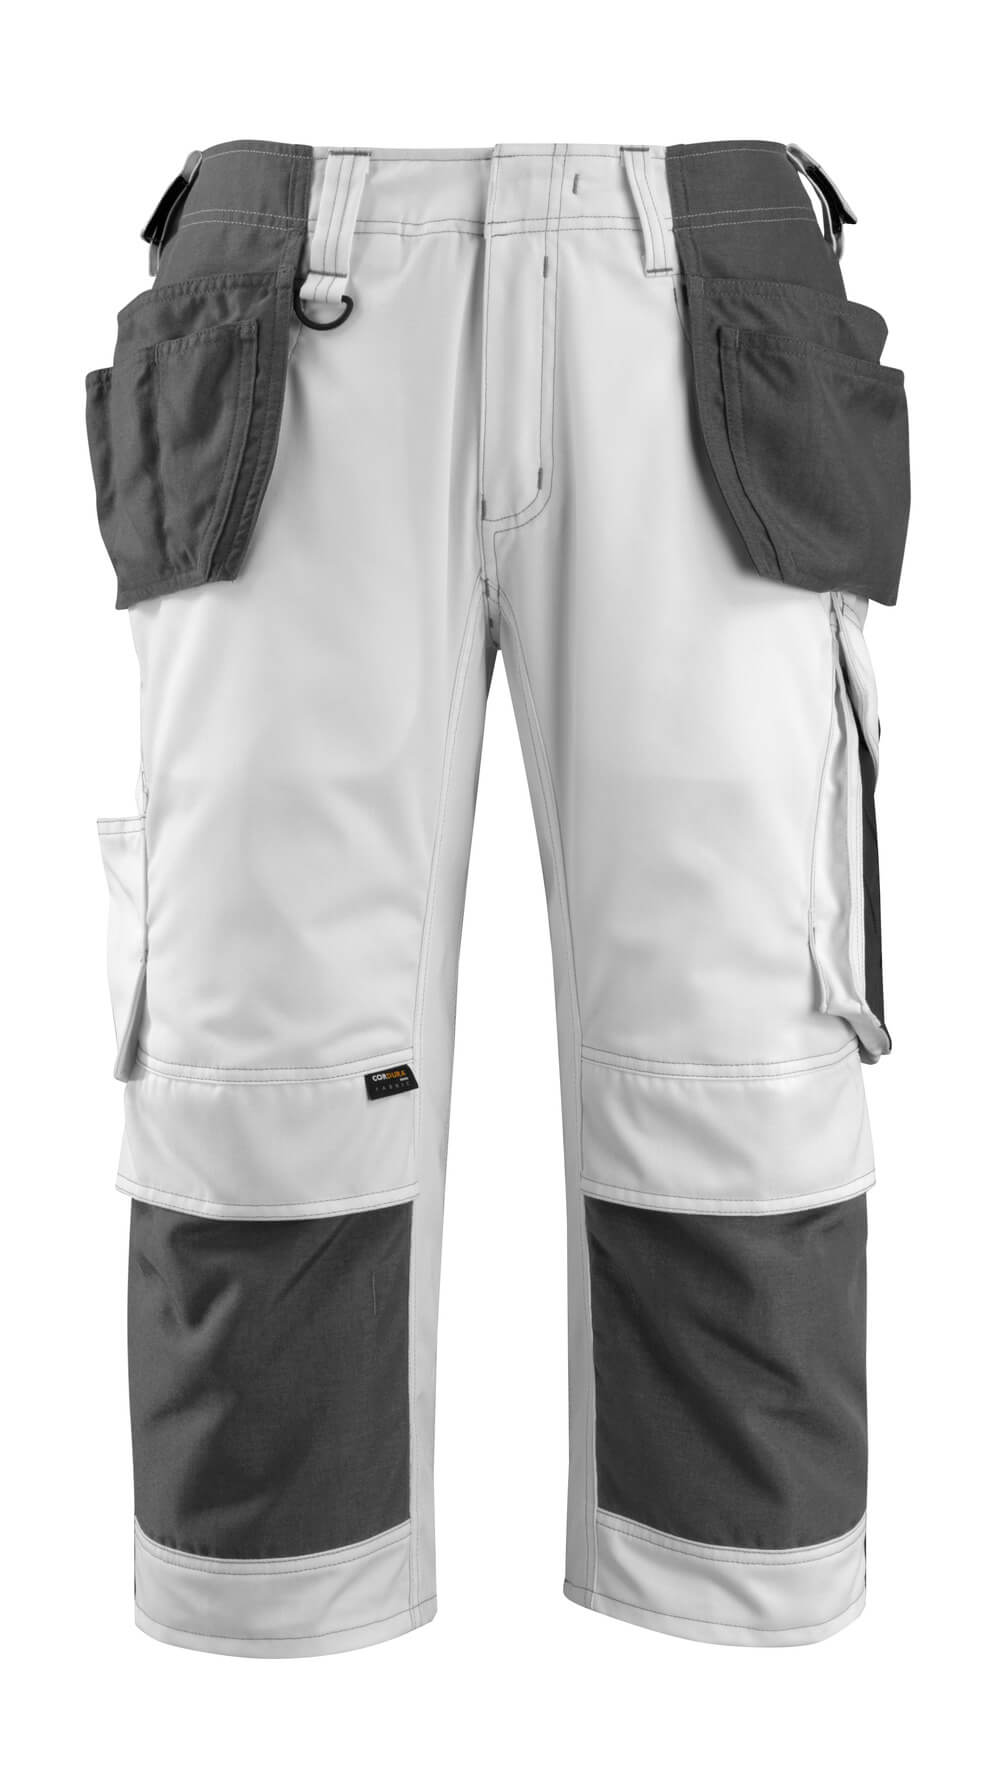 14349-442-0618 ¾  Pantaloni con tasche esterne - bianco/antracite scuro